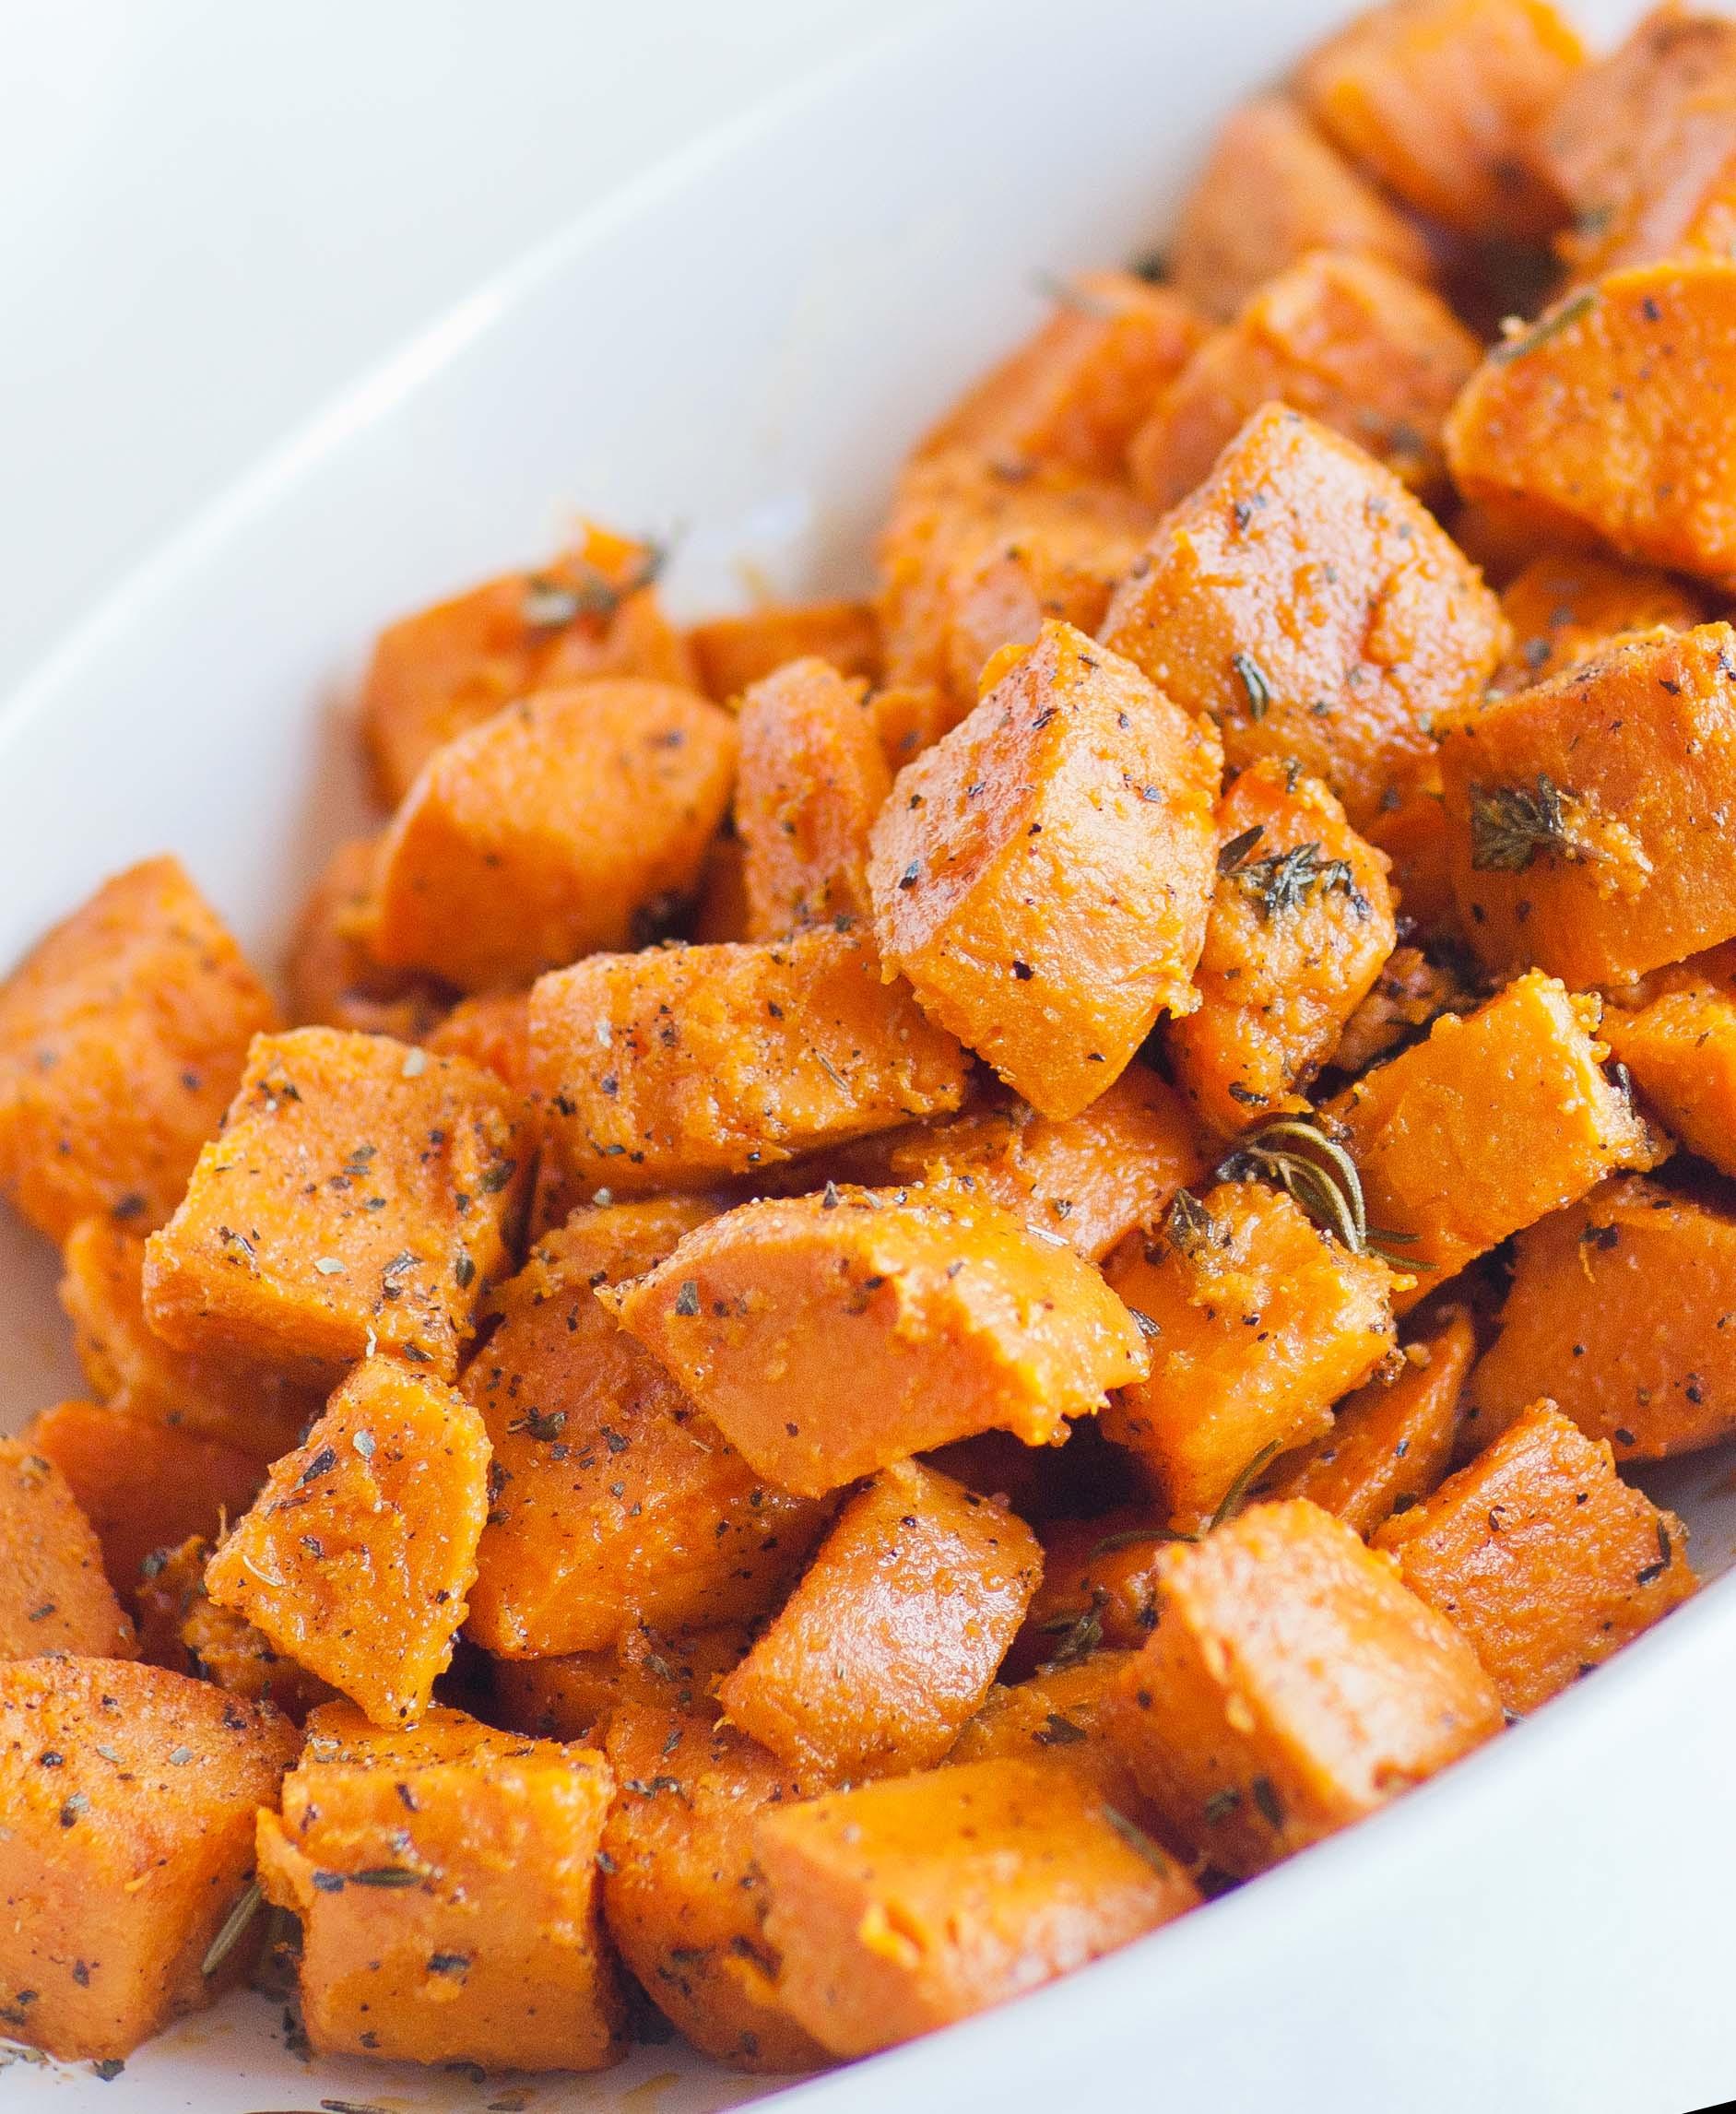 Oven Roasted Sweet Potatoes  Oven Roasted Sweet Potatoes Tatyanas Everyday Food